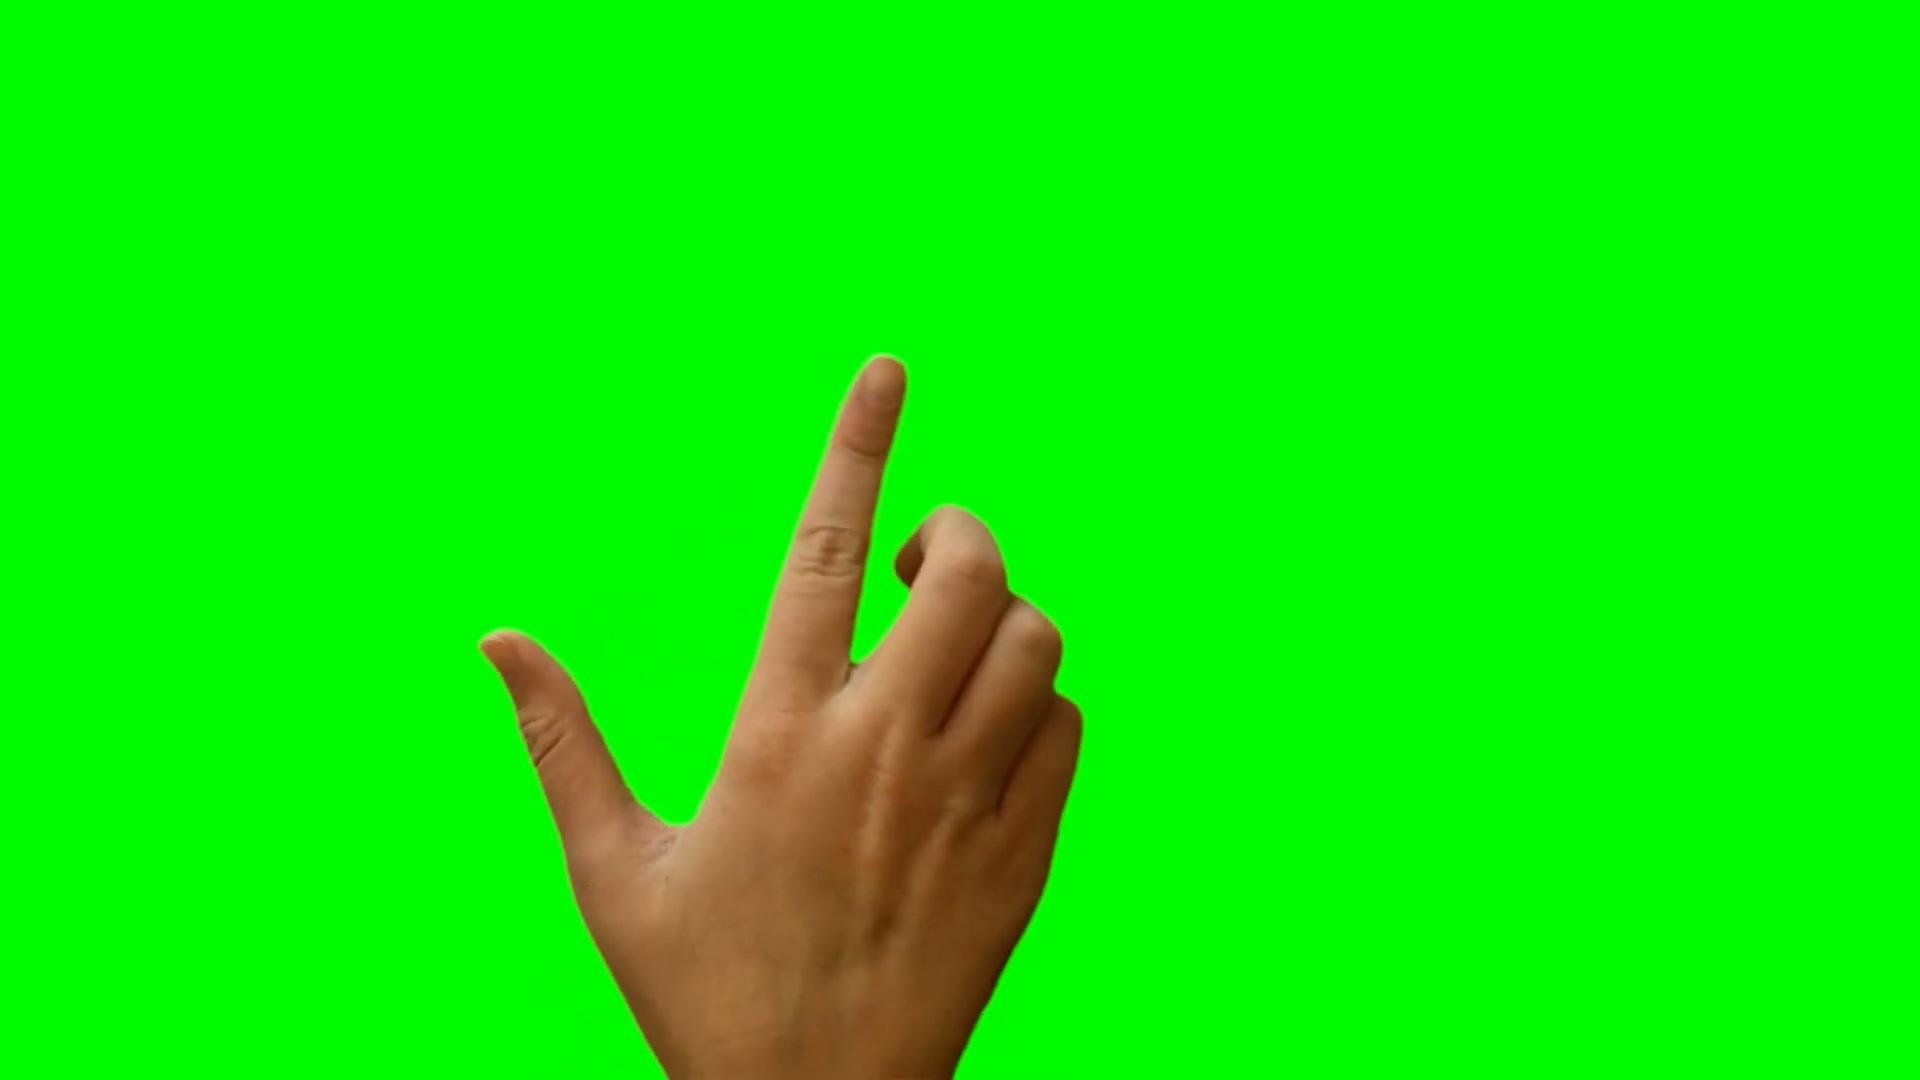 手势绿幕抠图视频素材